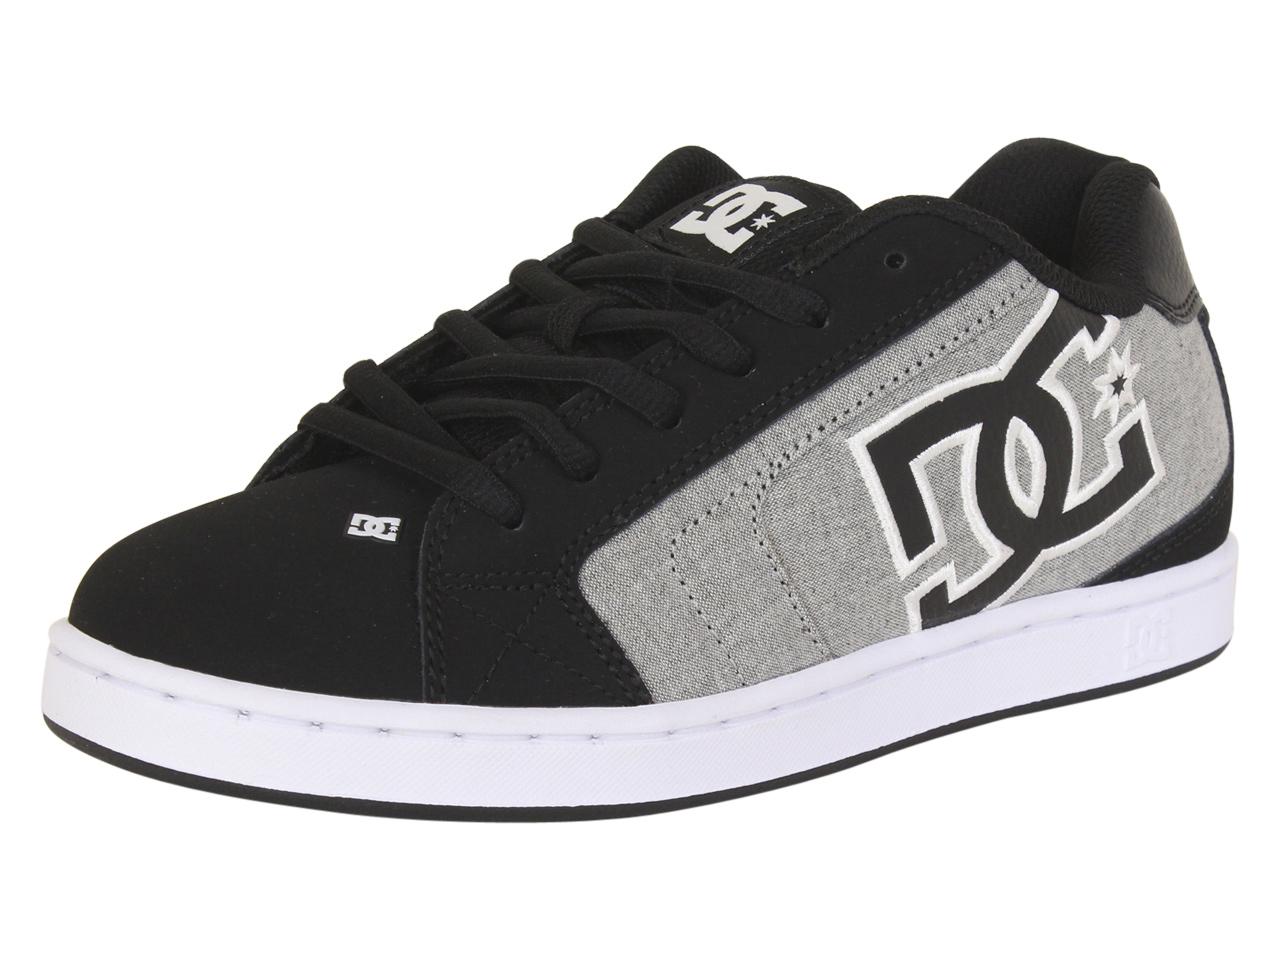 DC Shoes Men/'s Net SE Low Top Sneaker Shoes Black Camo Footwear Active Skate